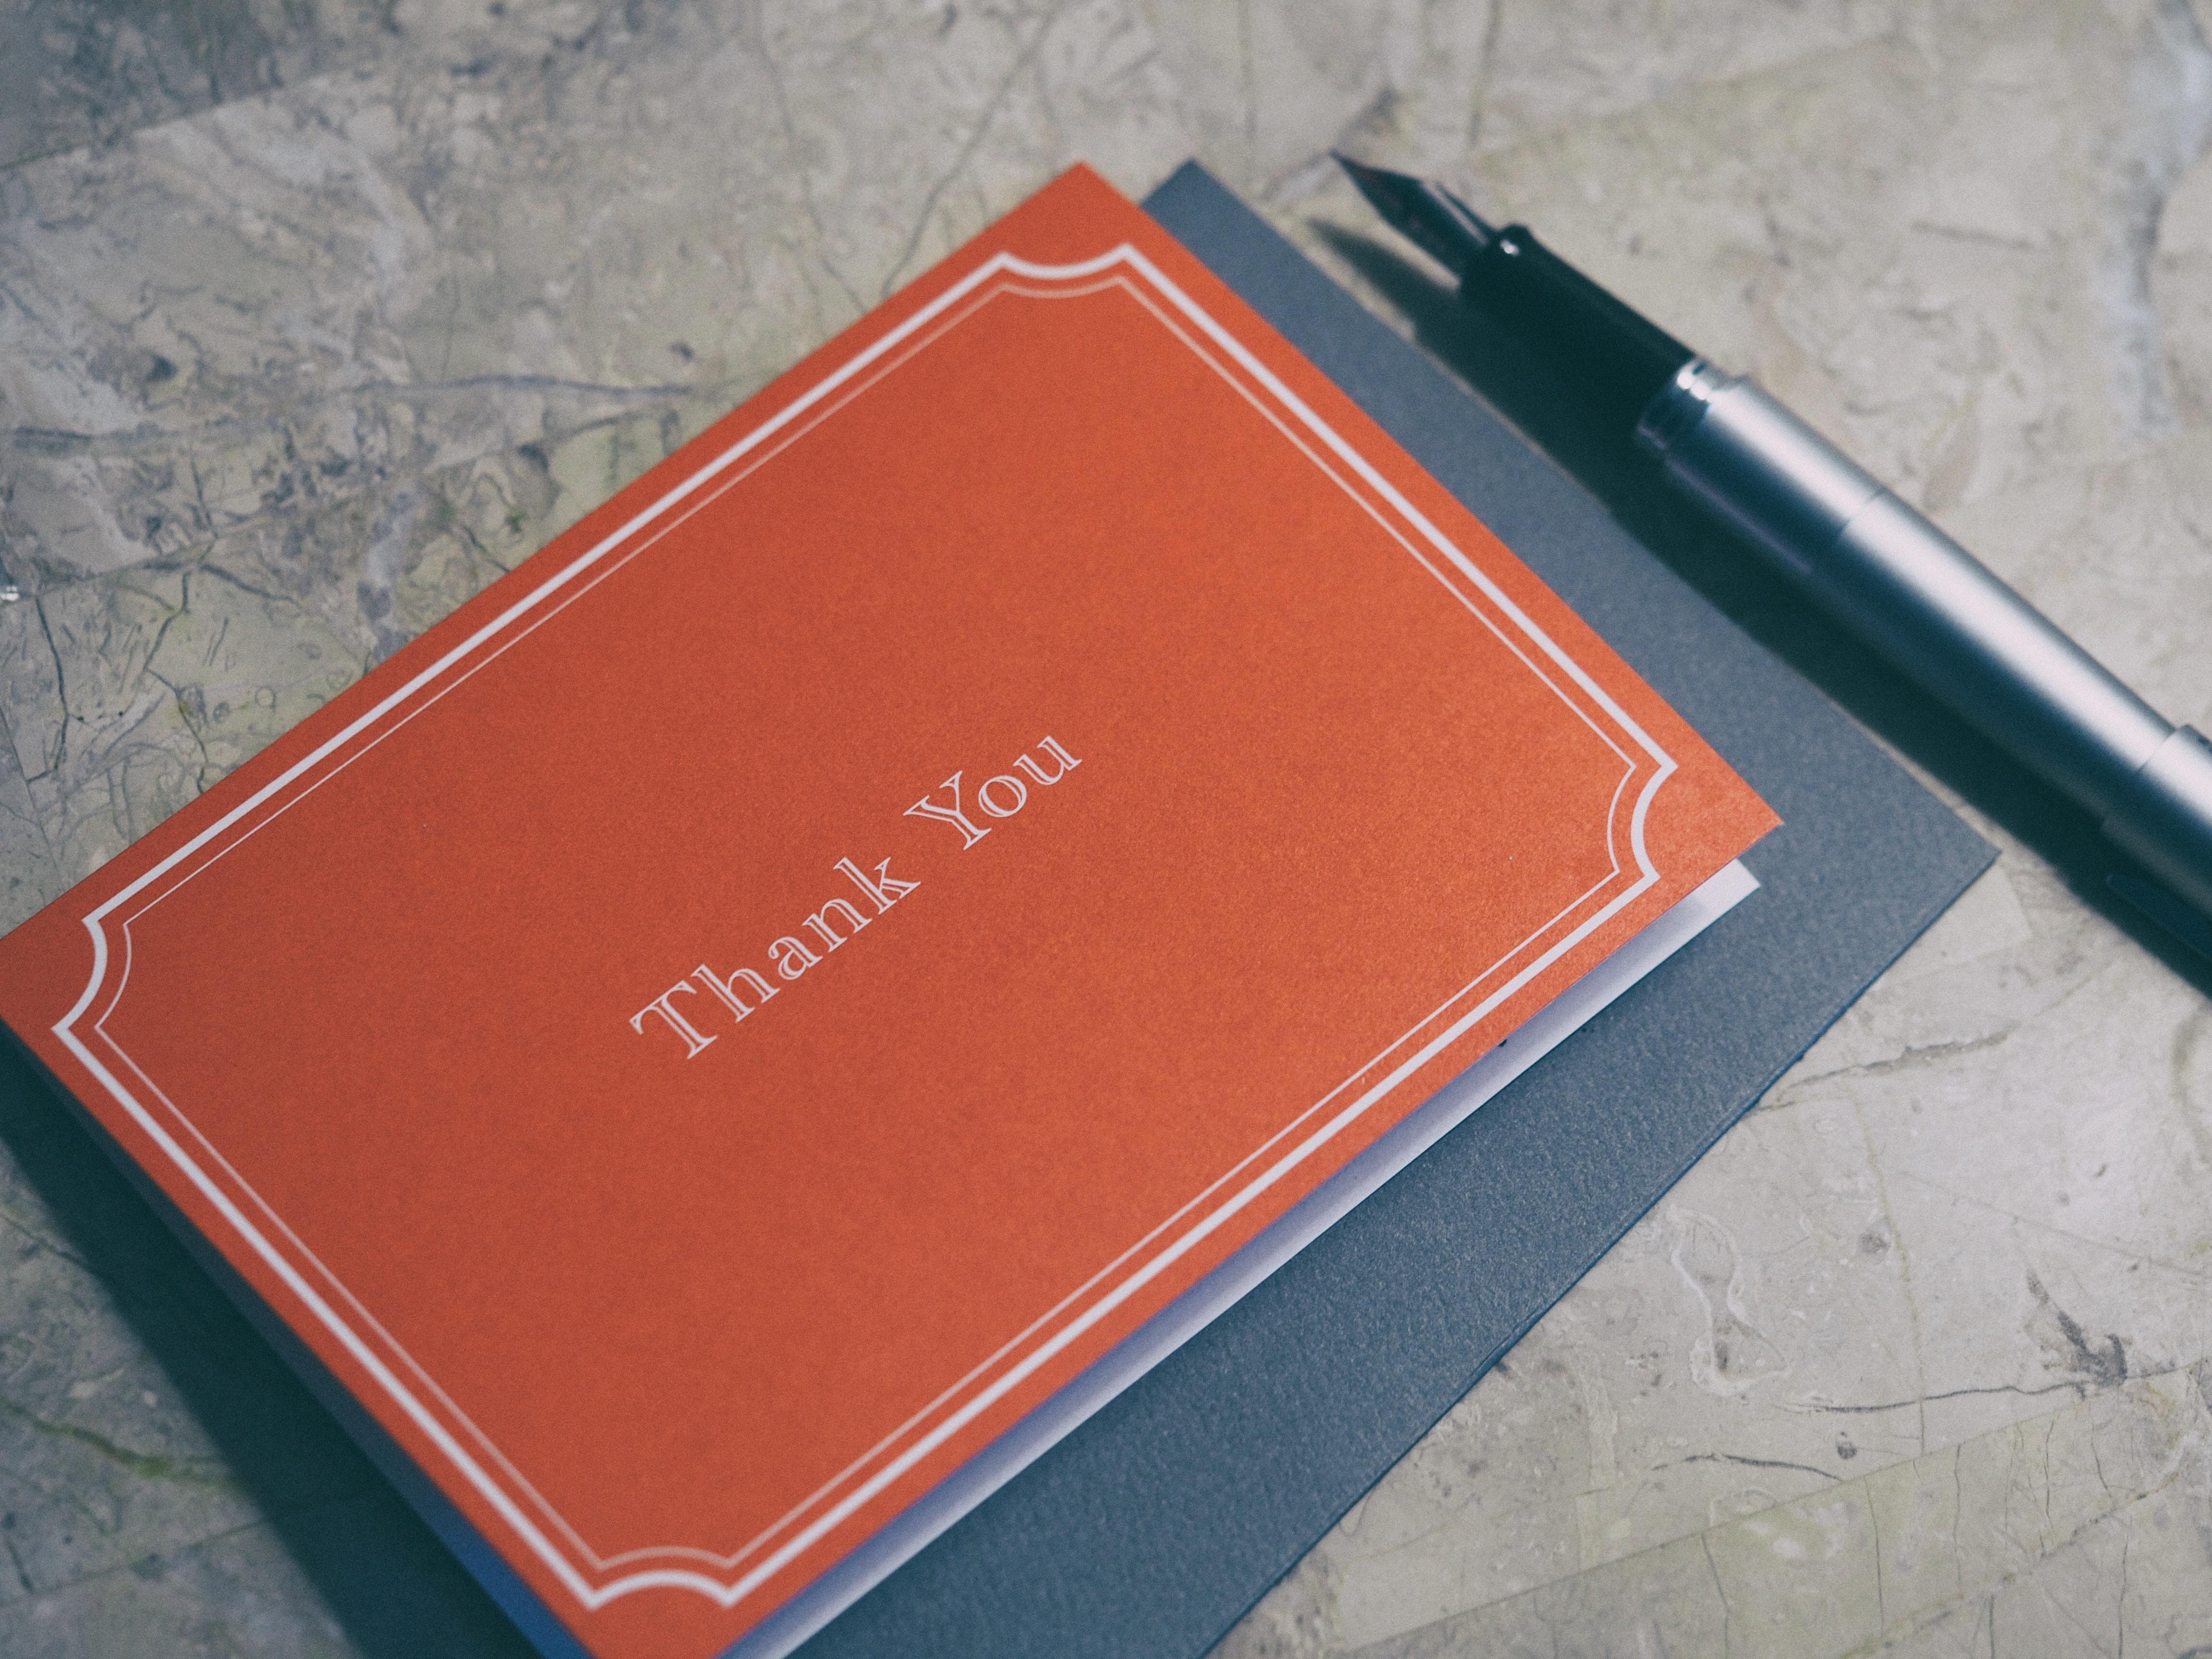 Bekerja untuk Bersyukur